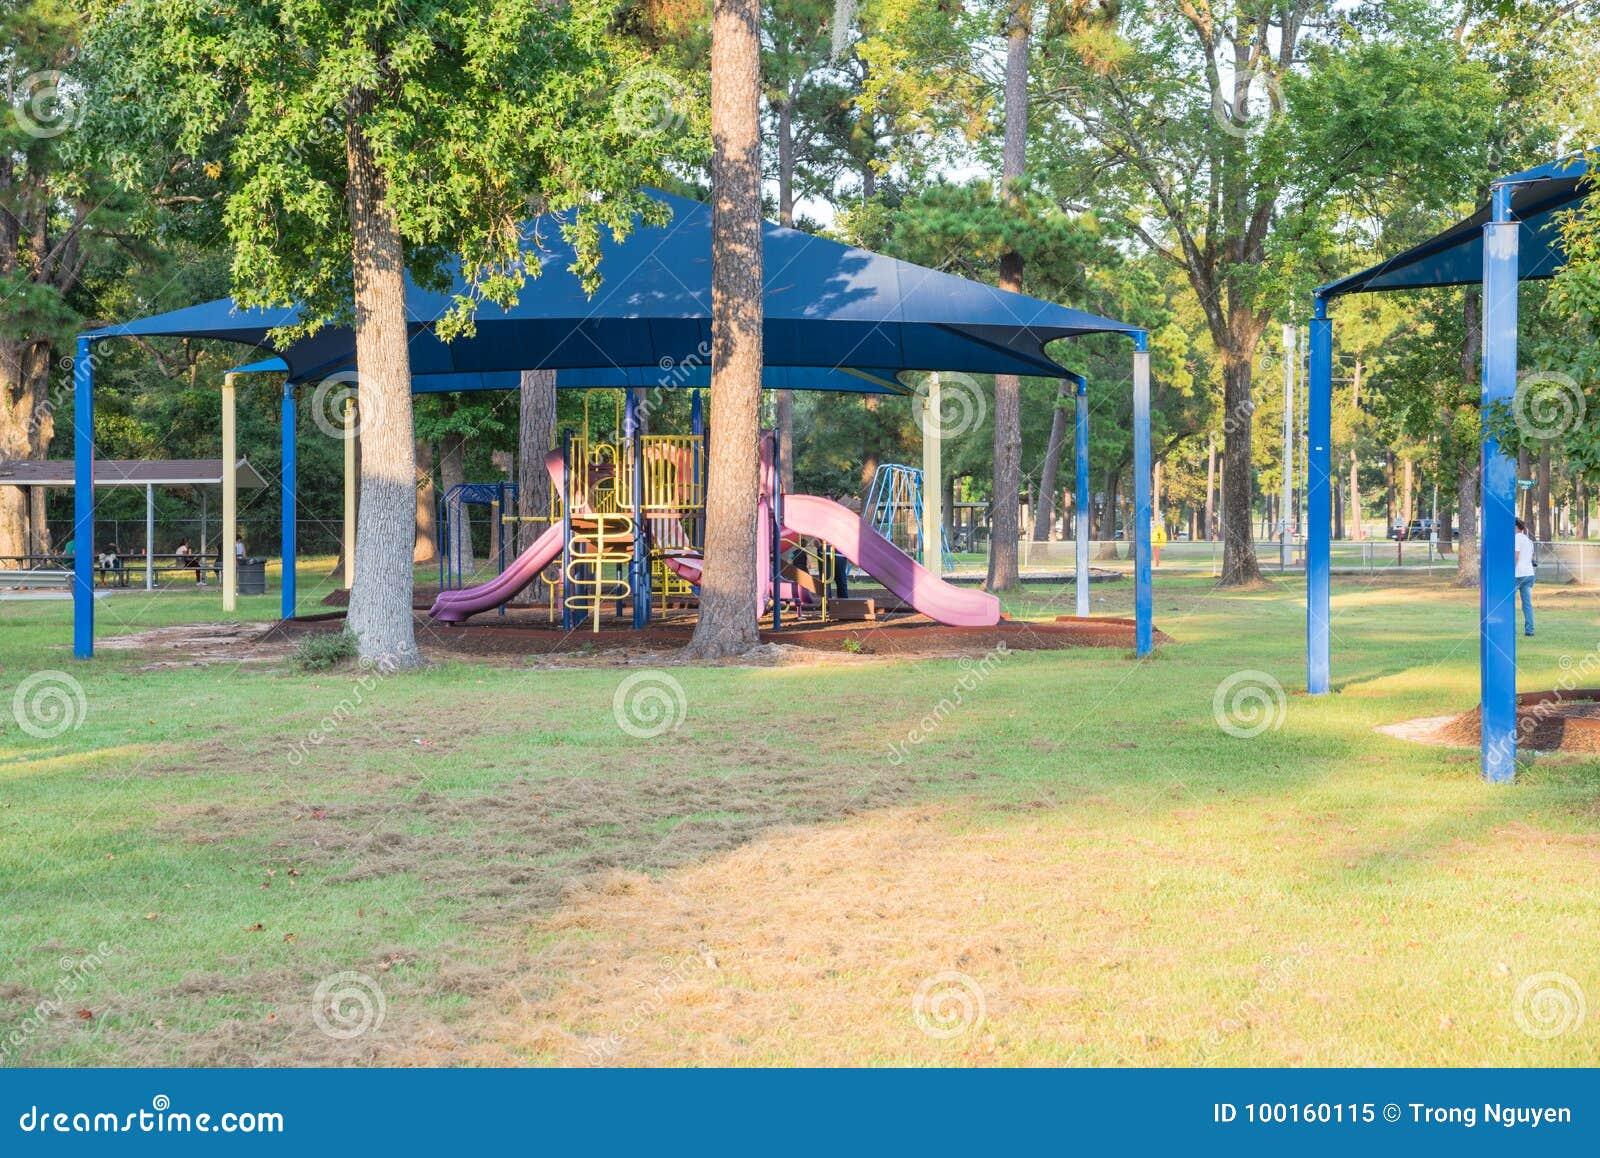 Shade Structure Playground Houston Texas Usa Stock Image Image